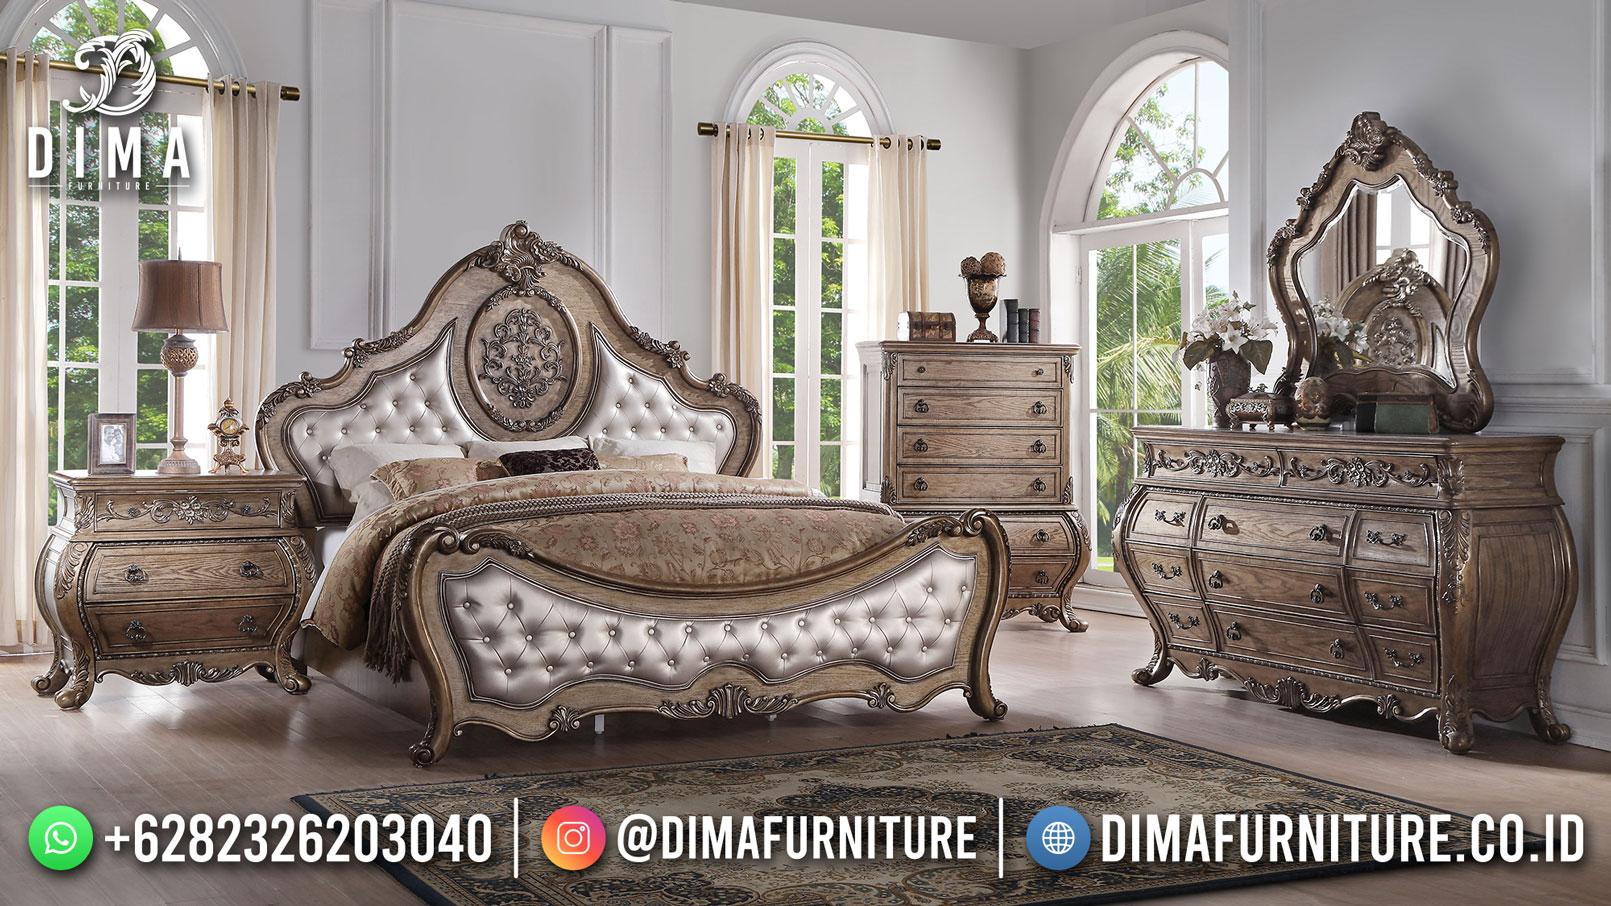 Best Seller Desain Tempat Tidur Mewah Jepara Luxury Wood Grain Color BT-1144